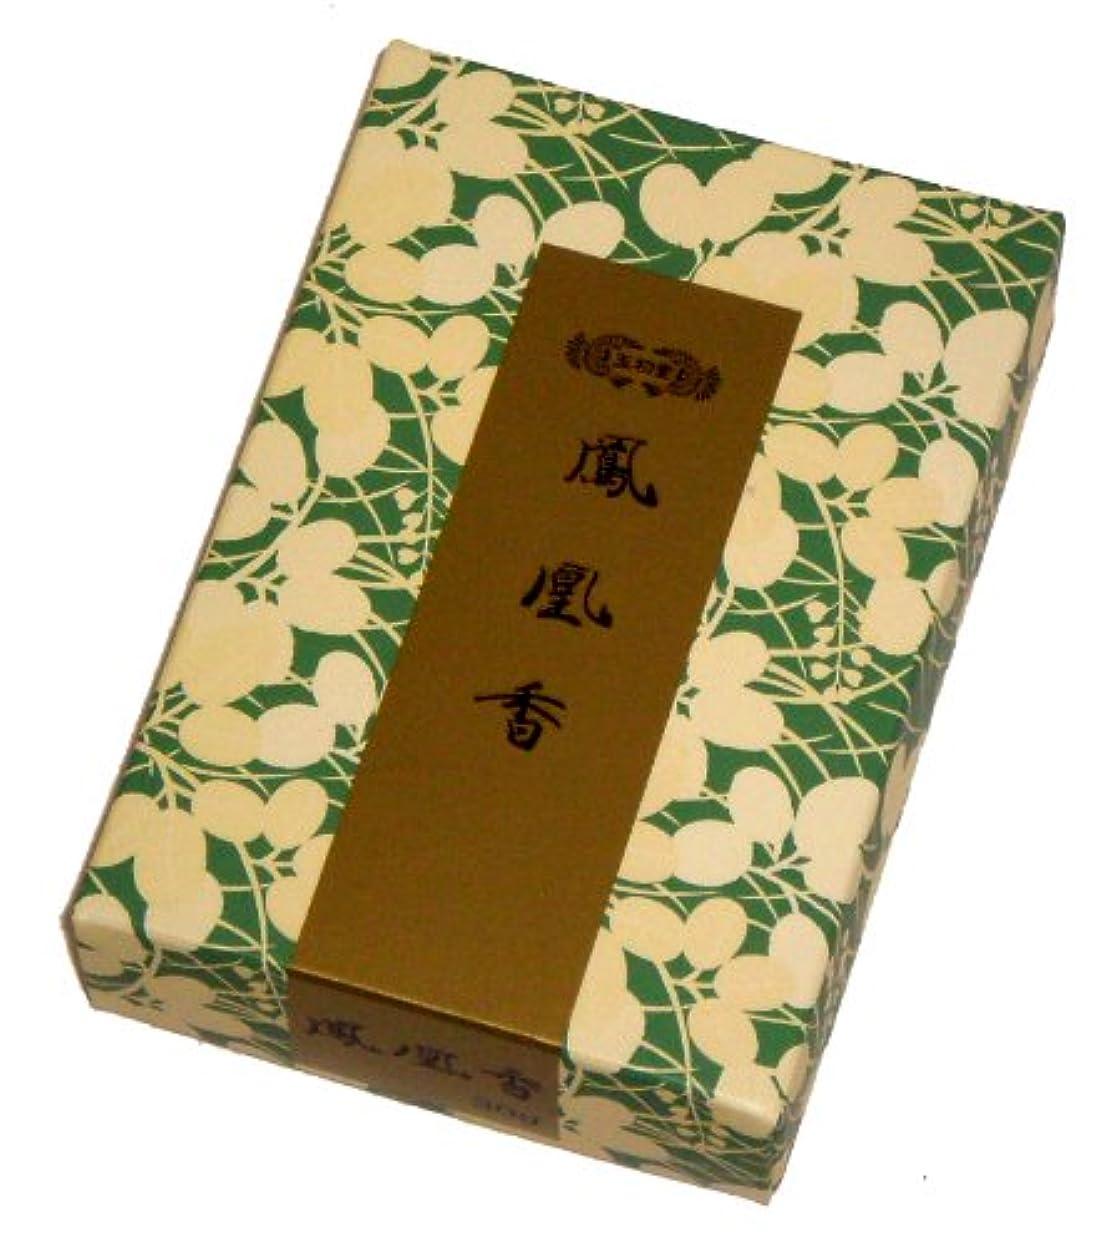 ビタミンビルマヒール玉初堂のお香 鳳凰香 30g #685